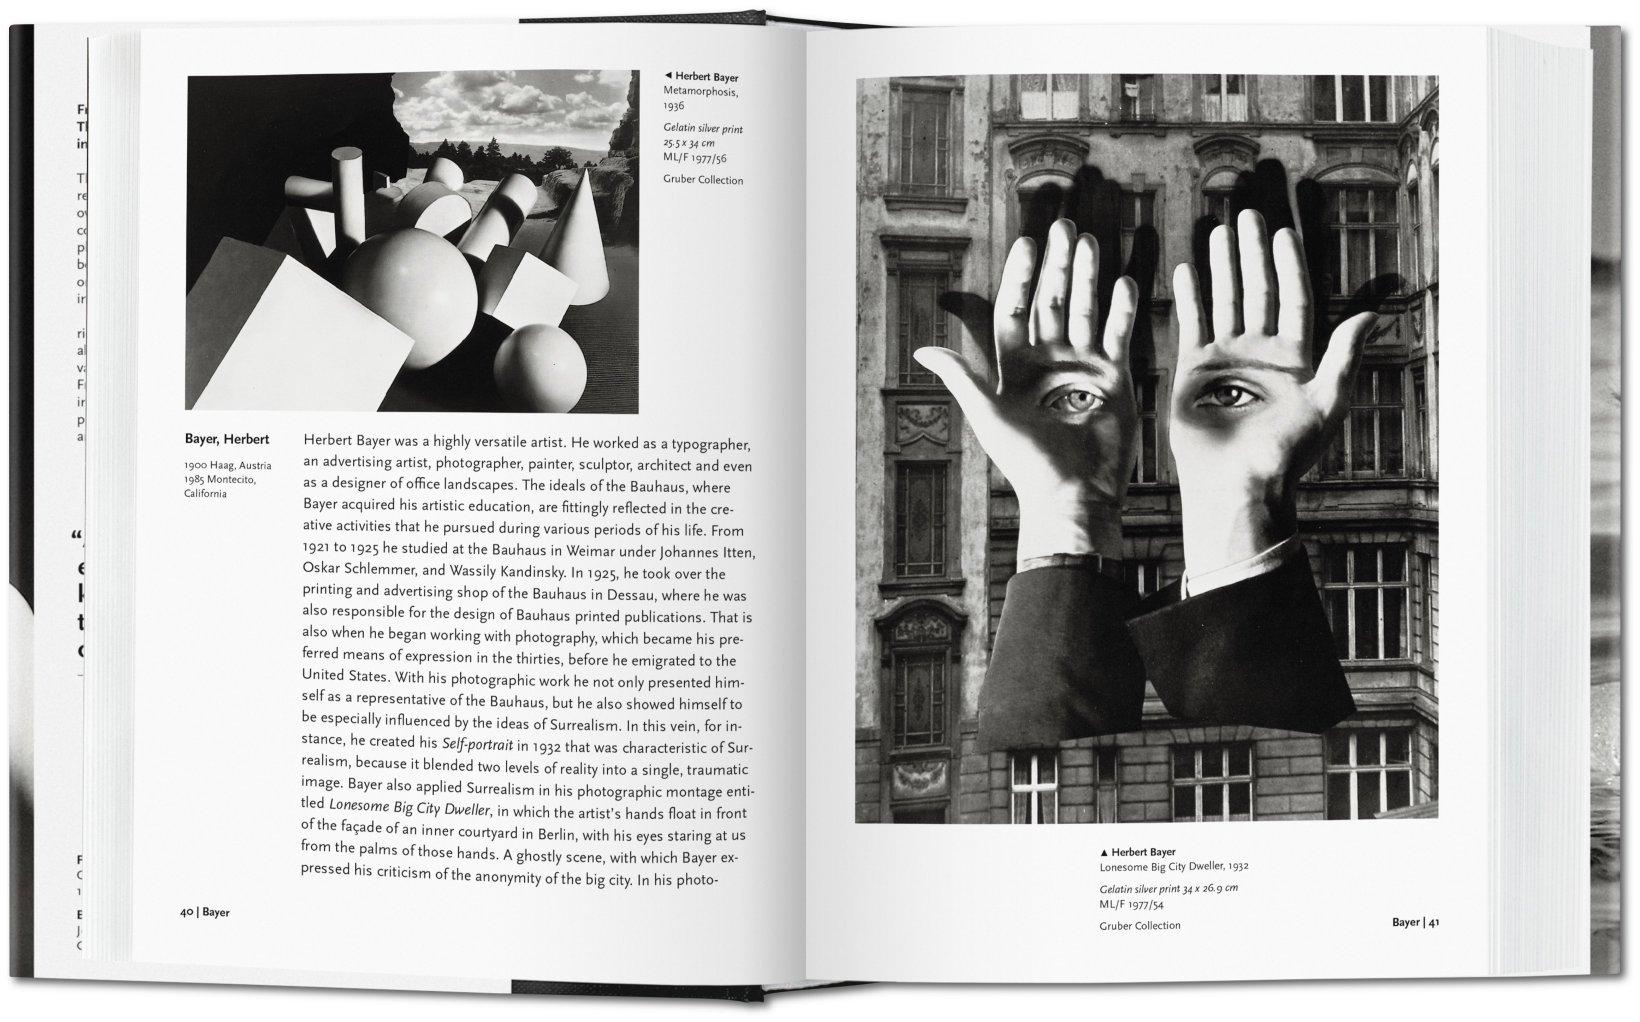 Fotó: Részlet a 20th Century Photography című könyvből